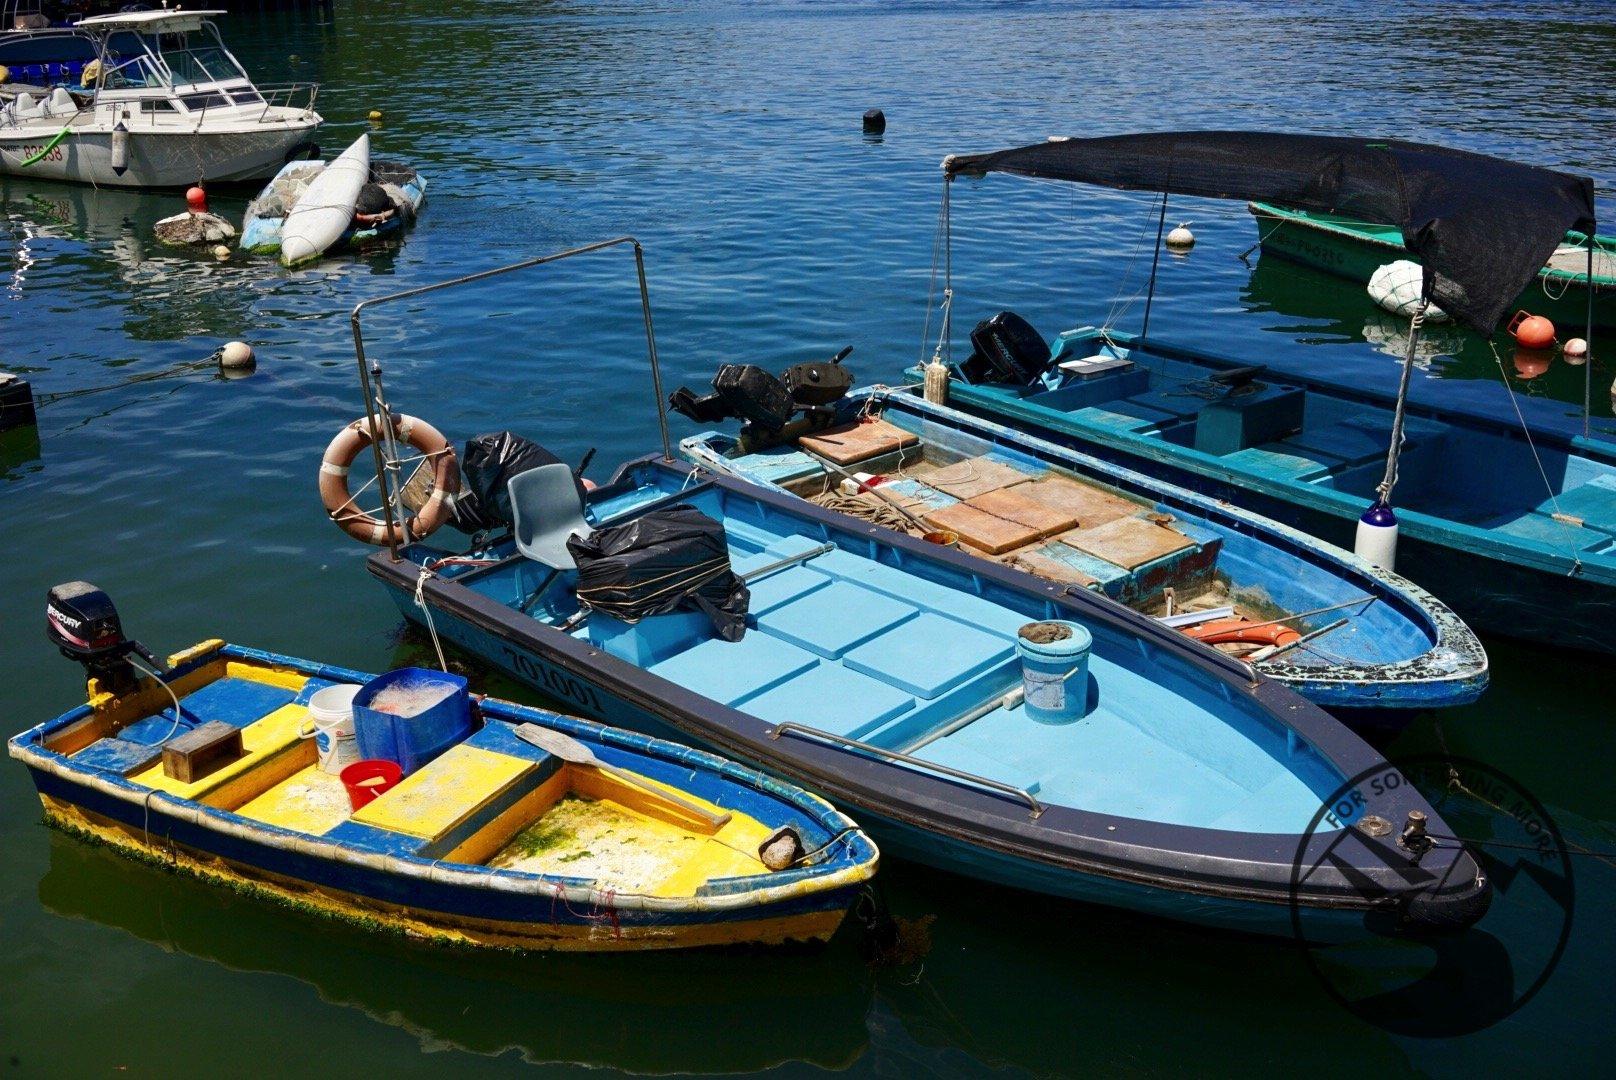 Boats at Sok Kwa Wan Pier